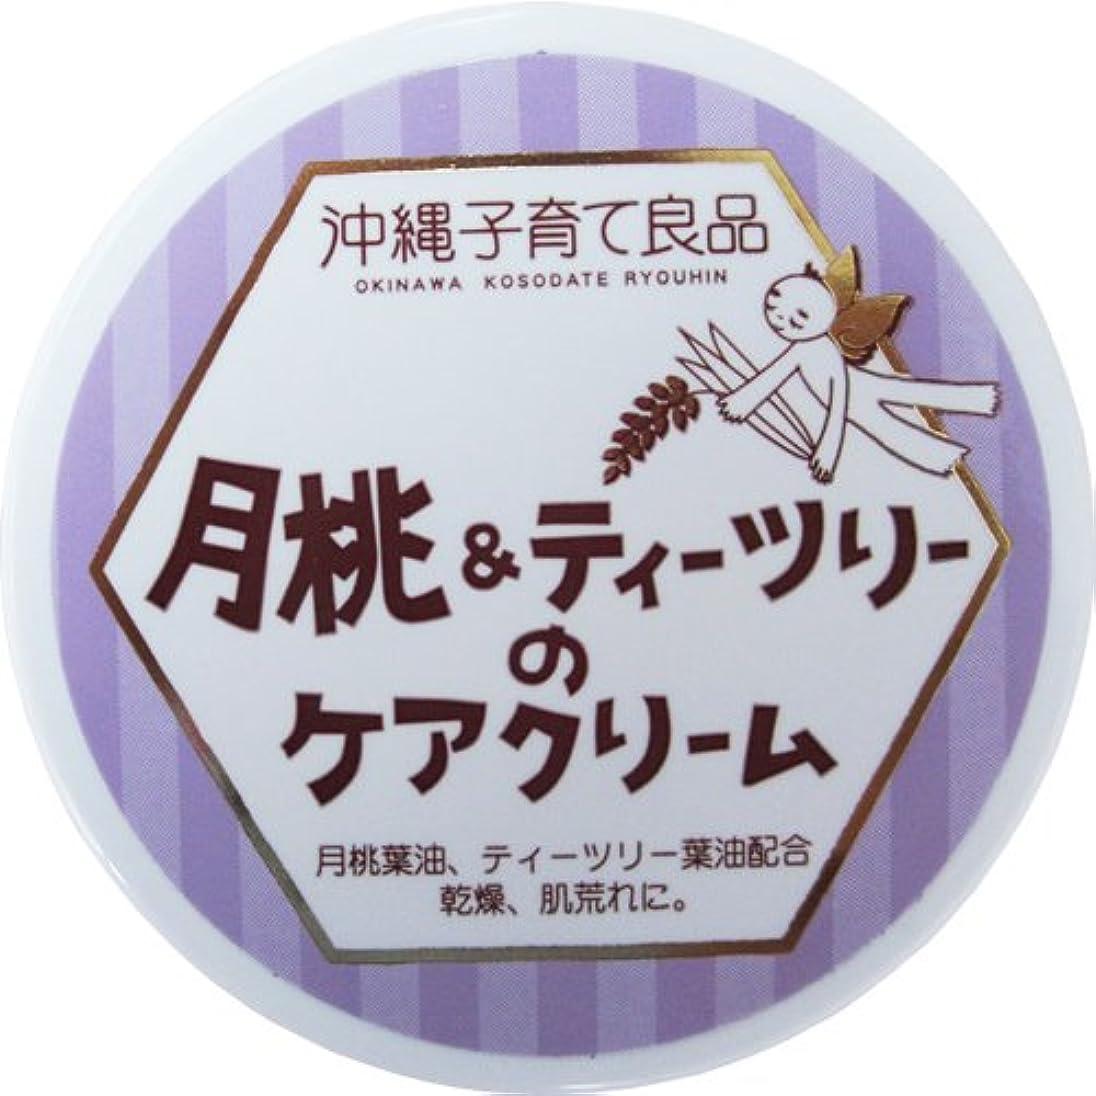 うぬぼれた優しさ大学生沖縄子育て良品 月桃&ティツリーのケアクリーム (25g)